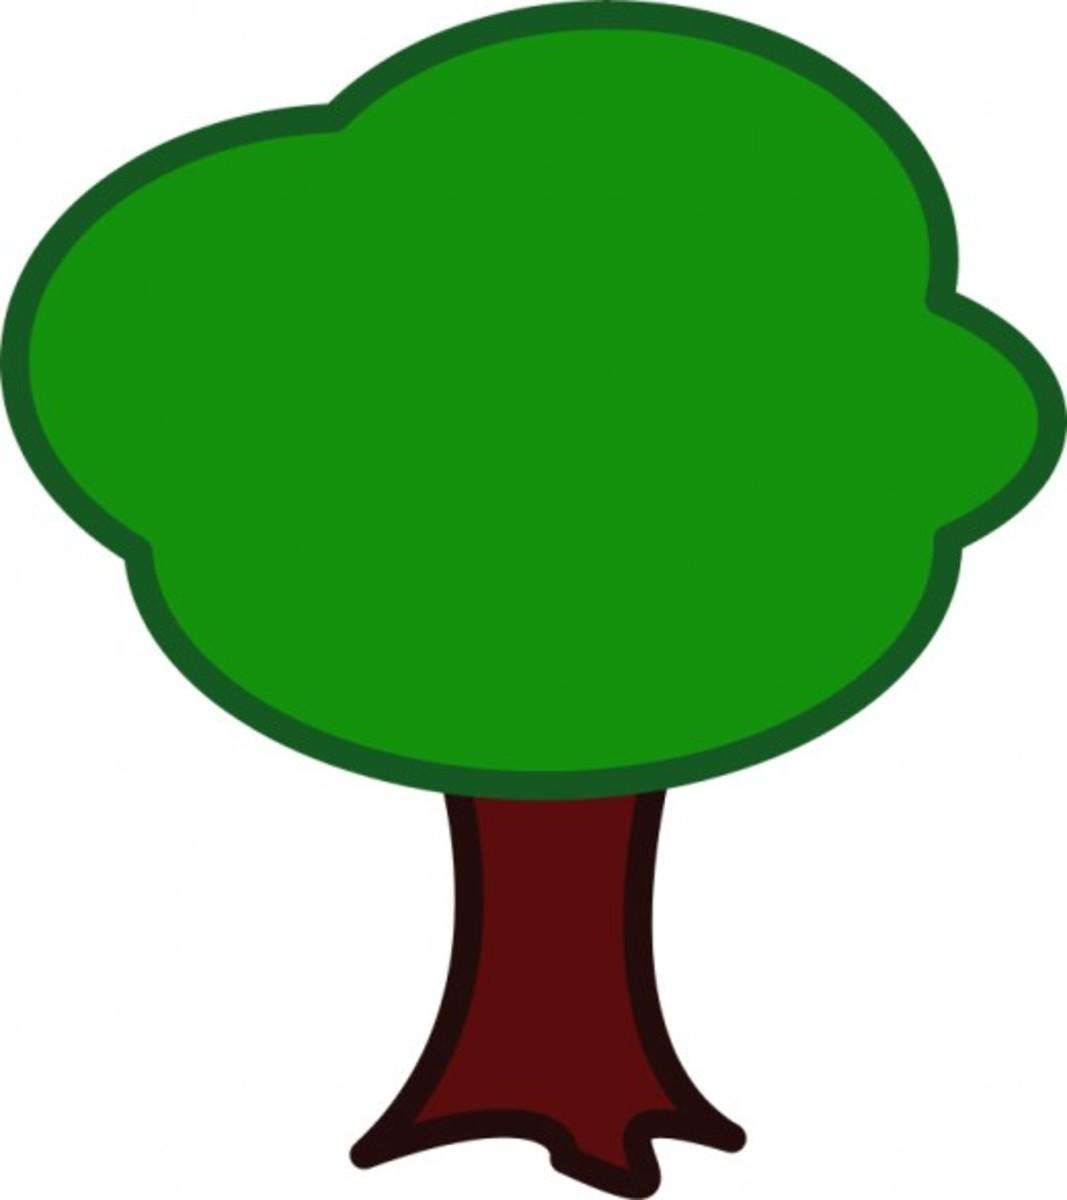 Big Tree Clip Art